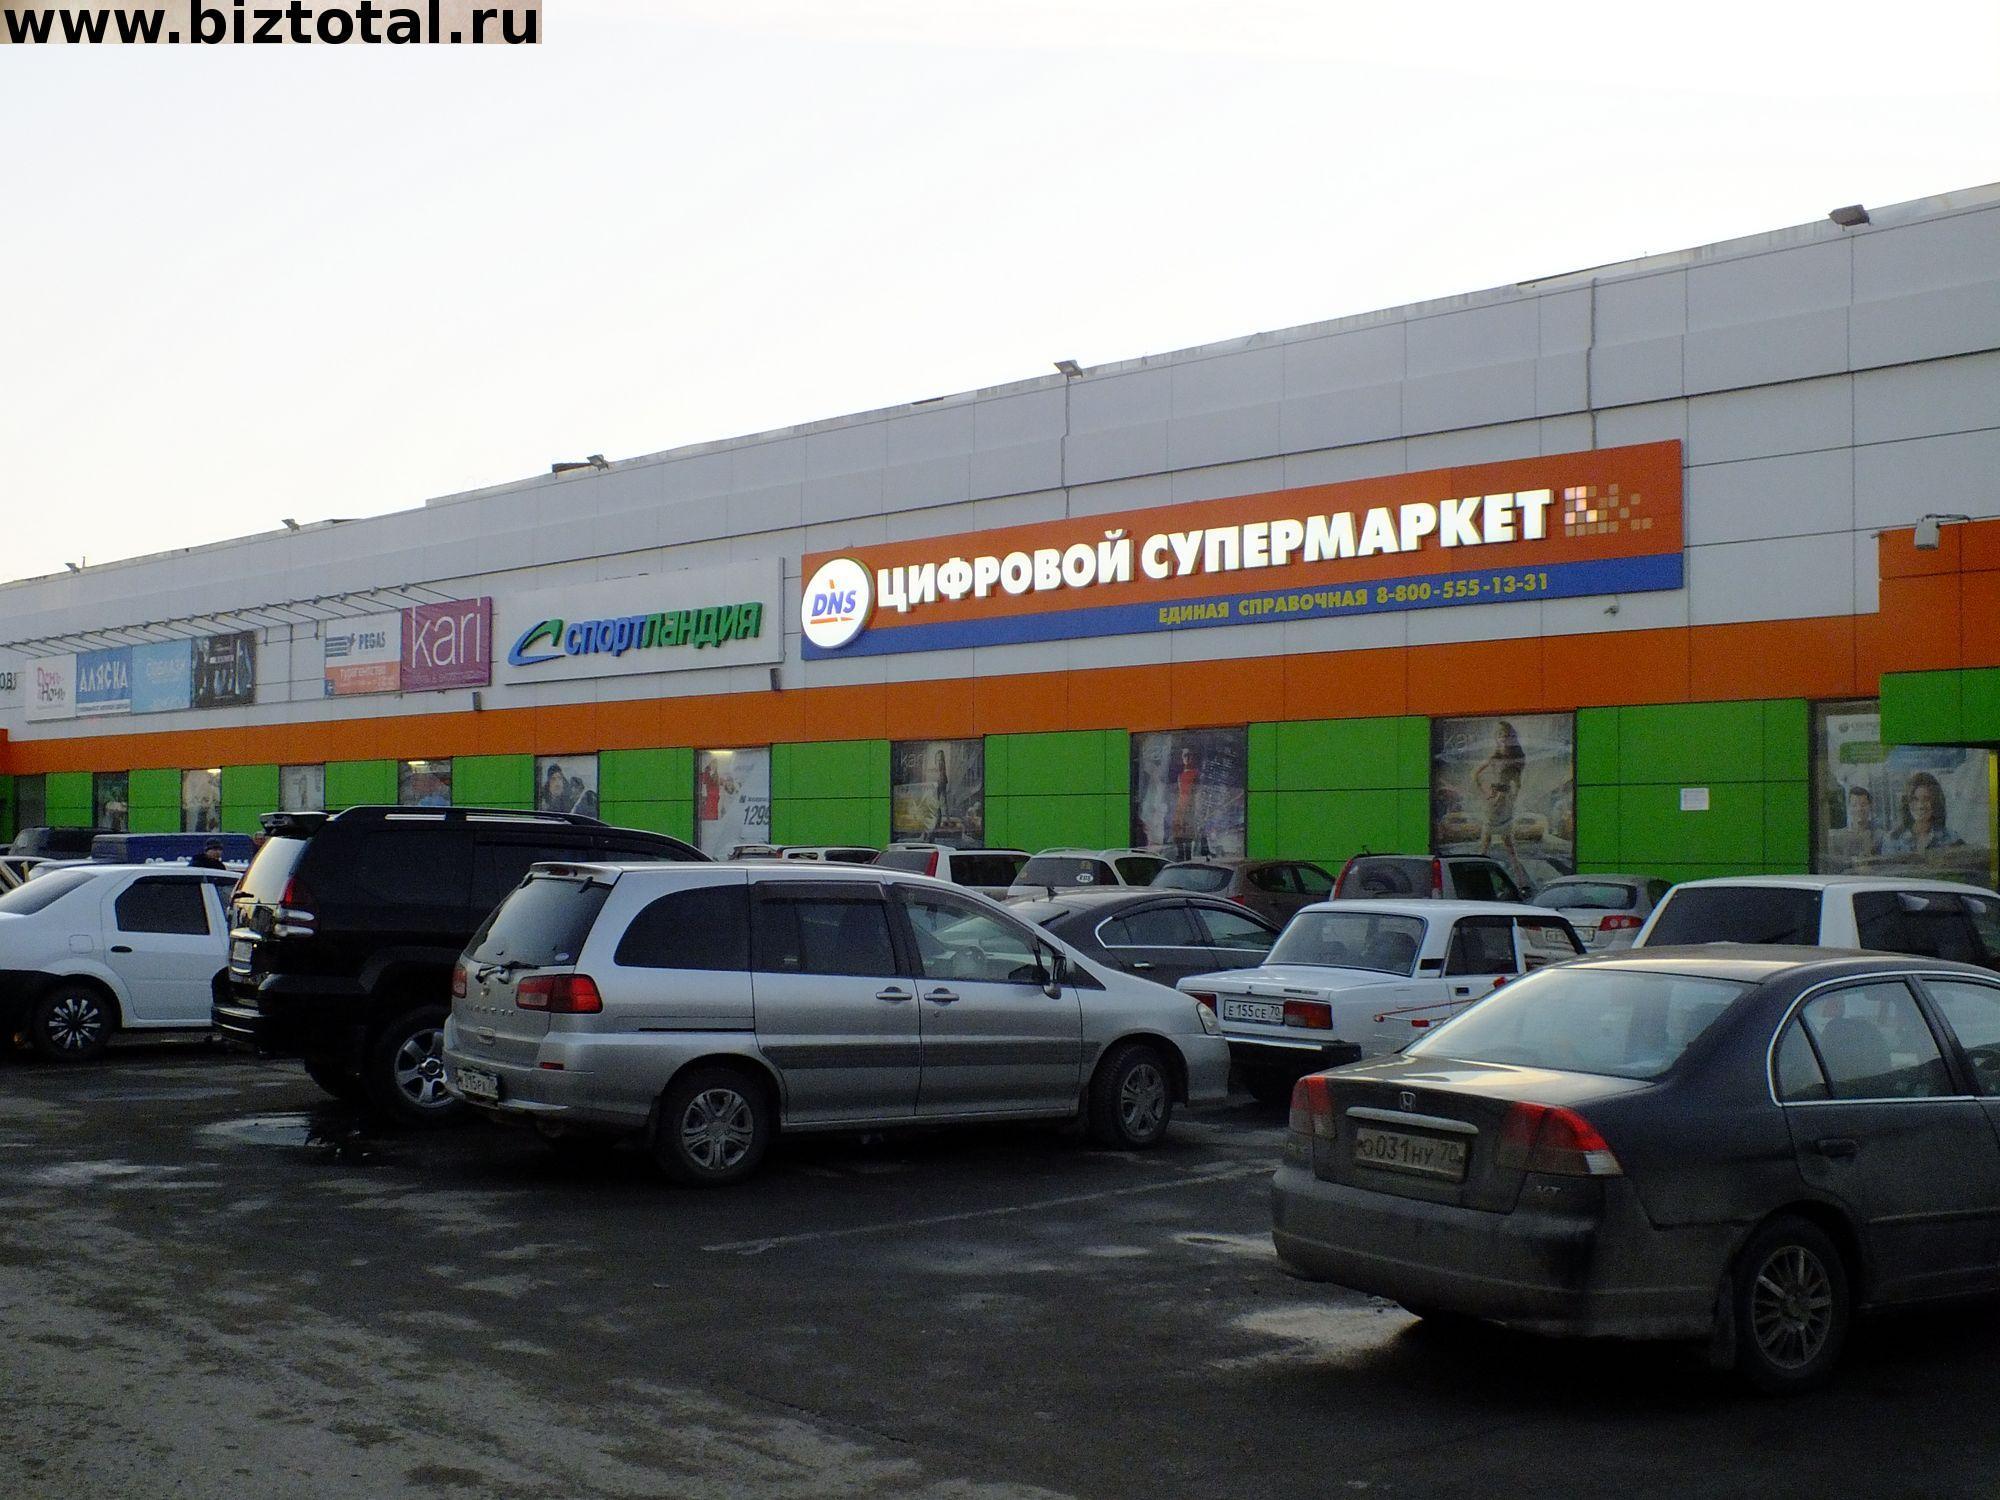 Собственник продает торговый центр